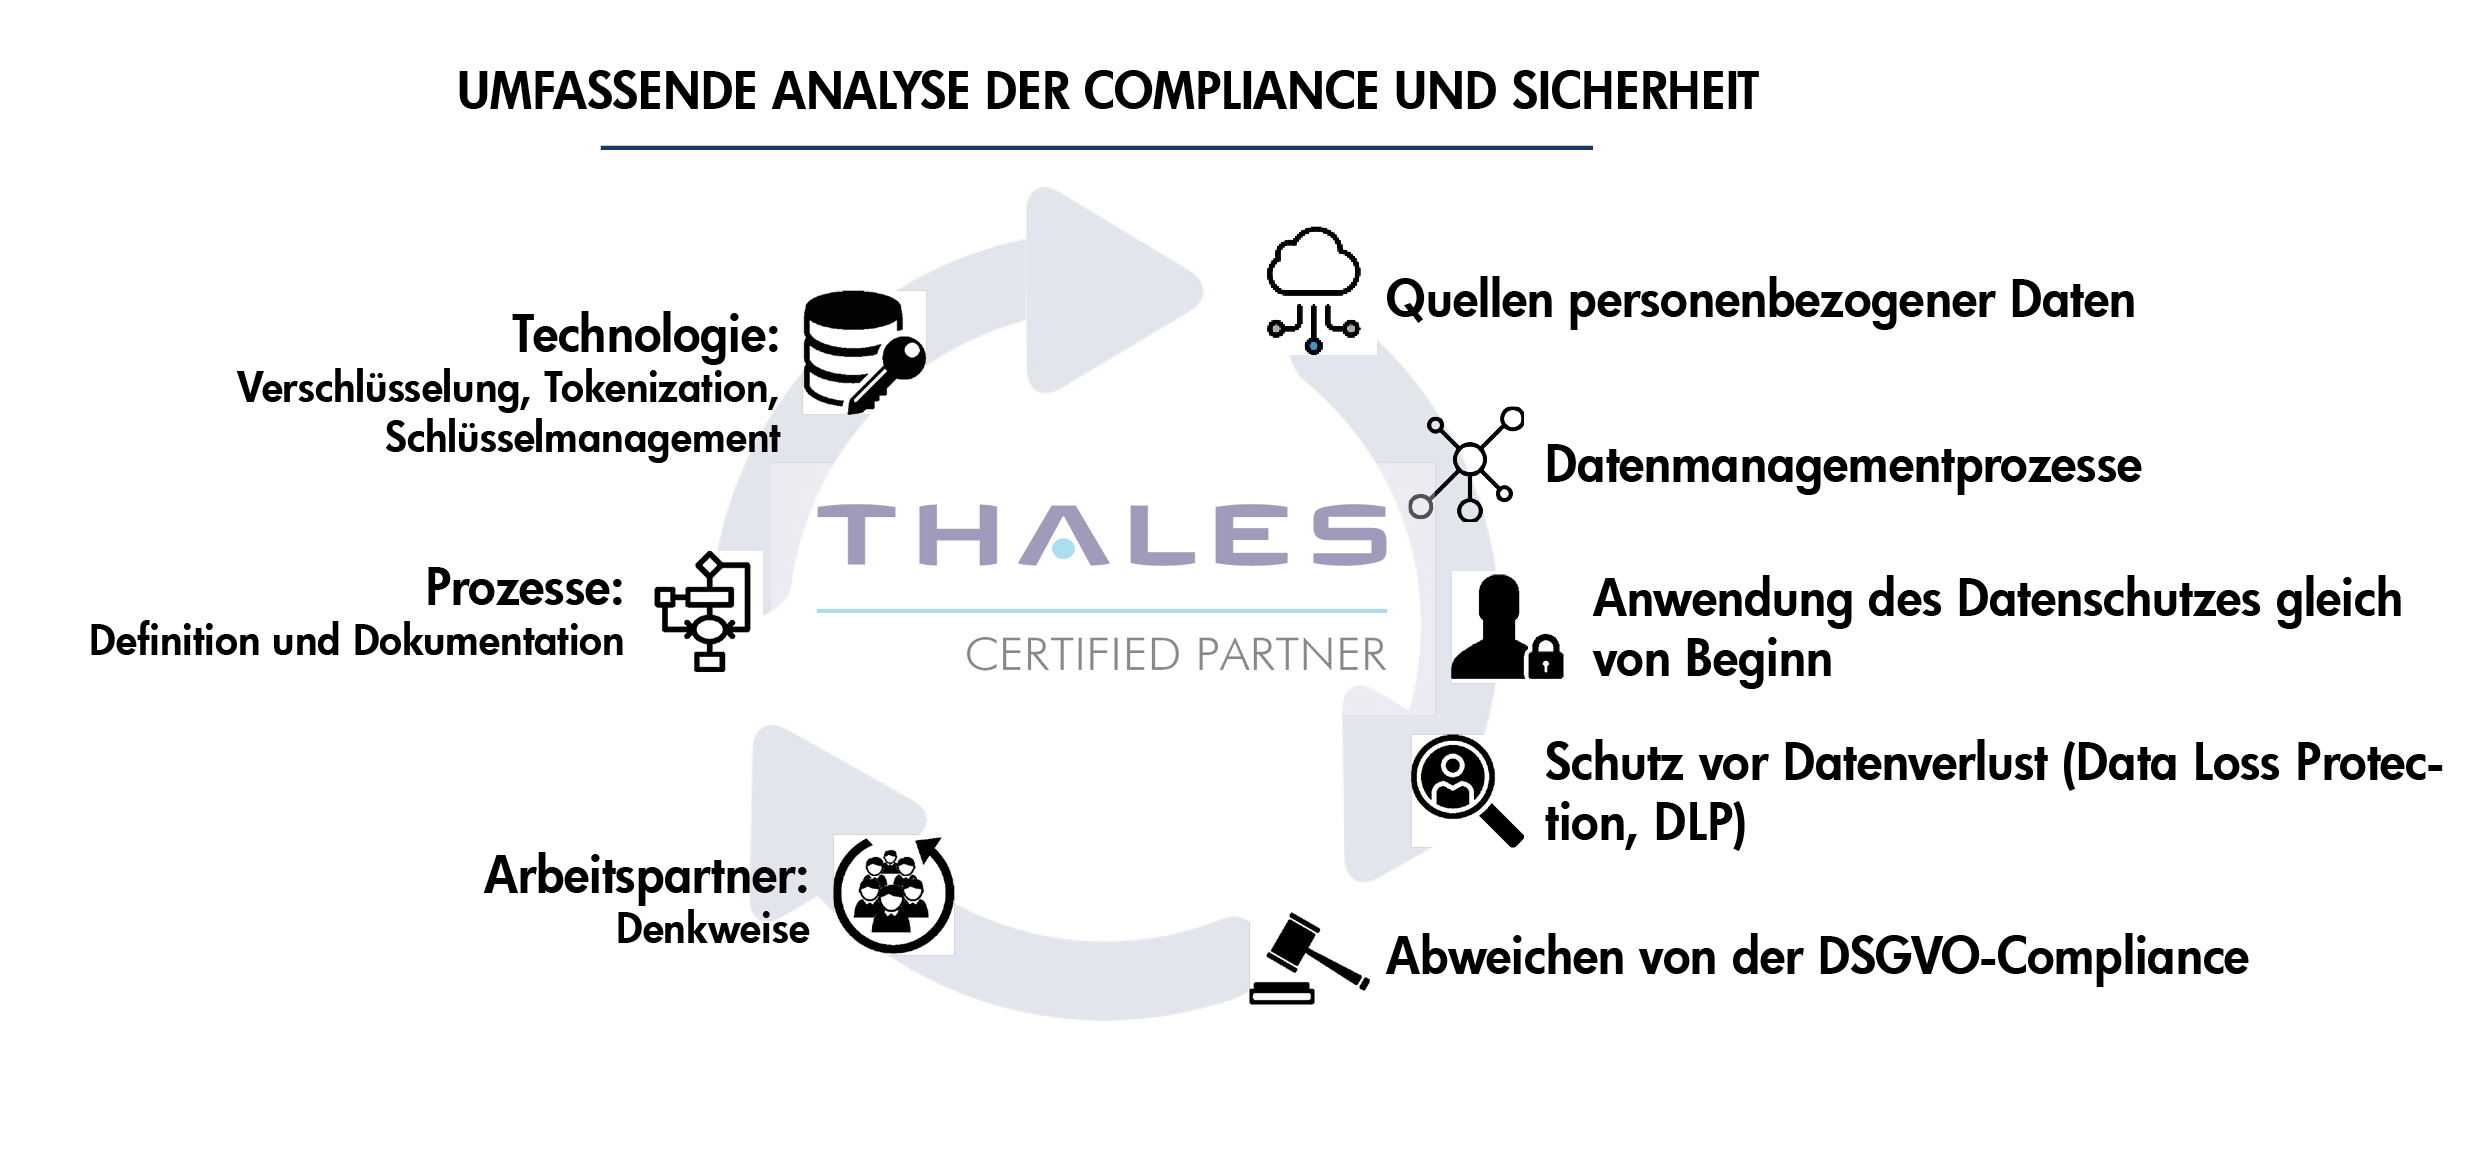 Umfassende analyse der compliance und sicherheit